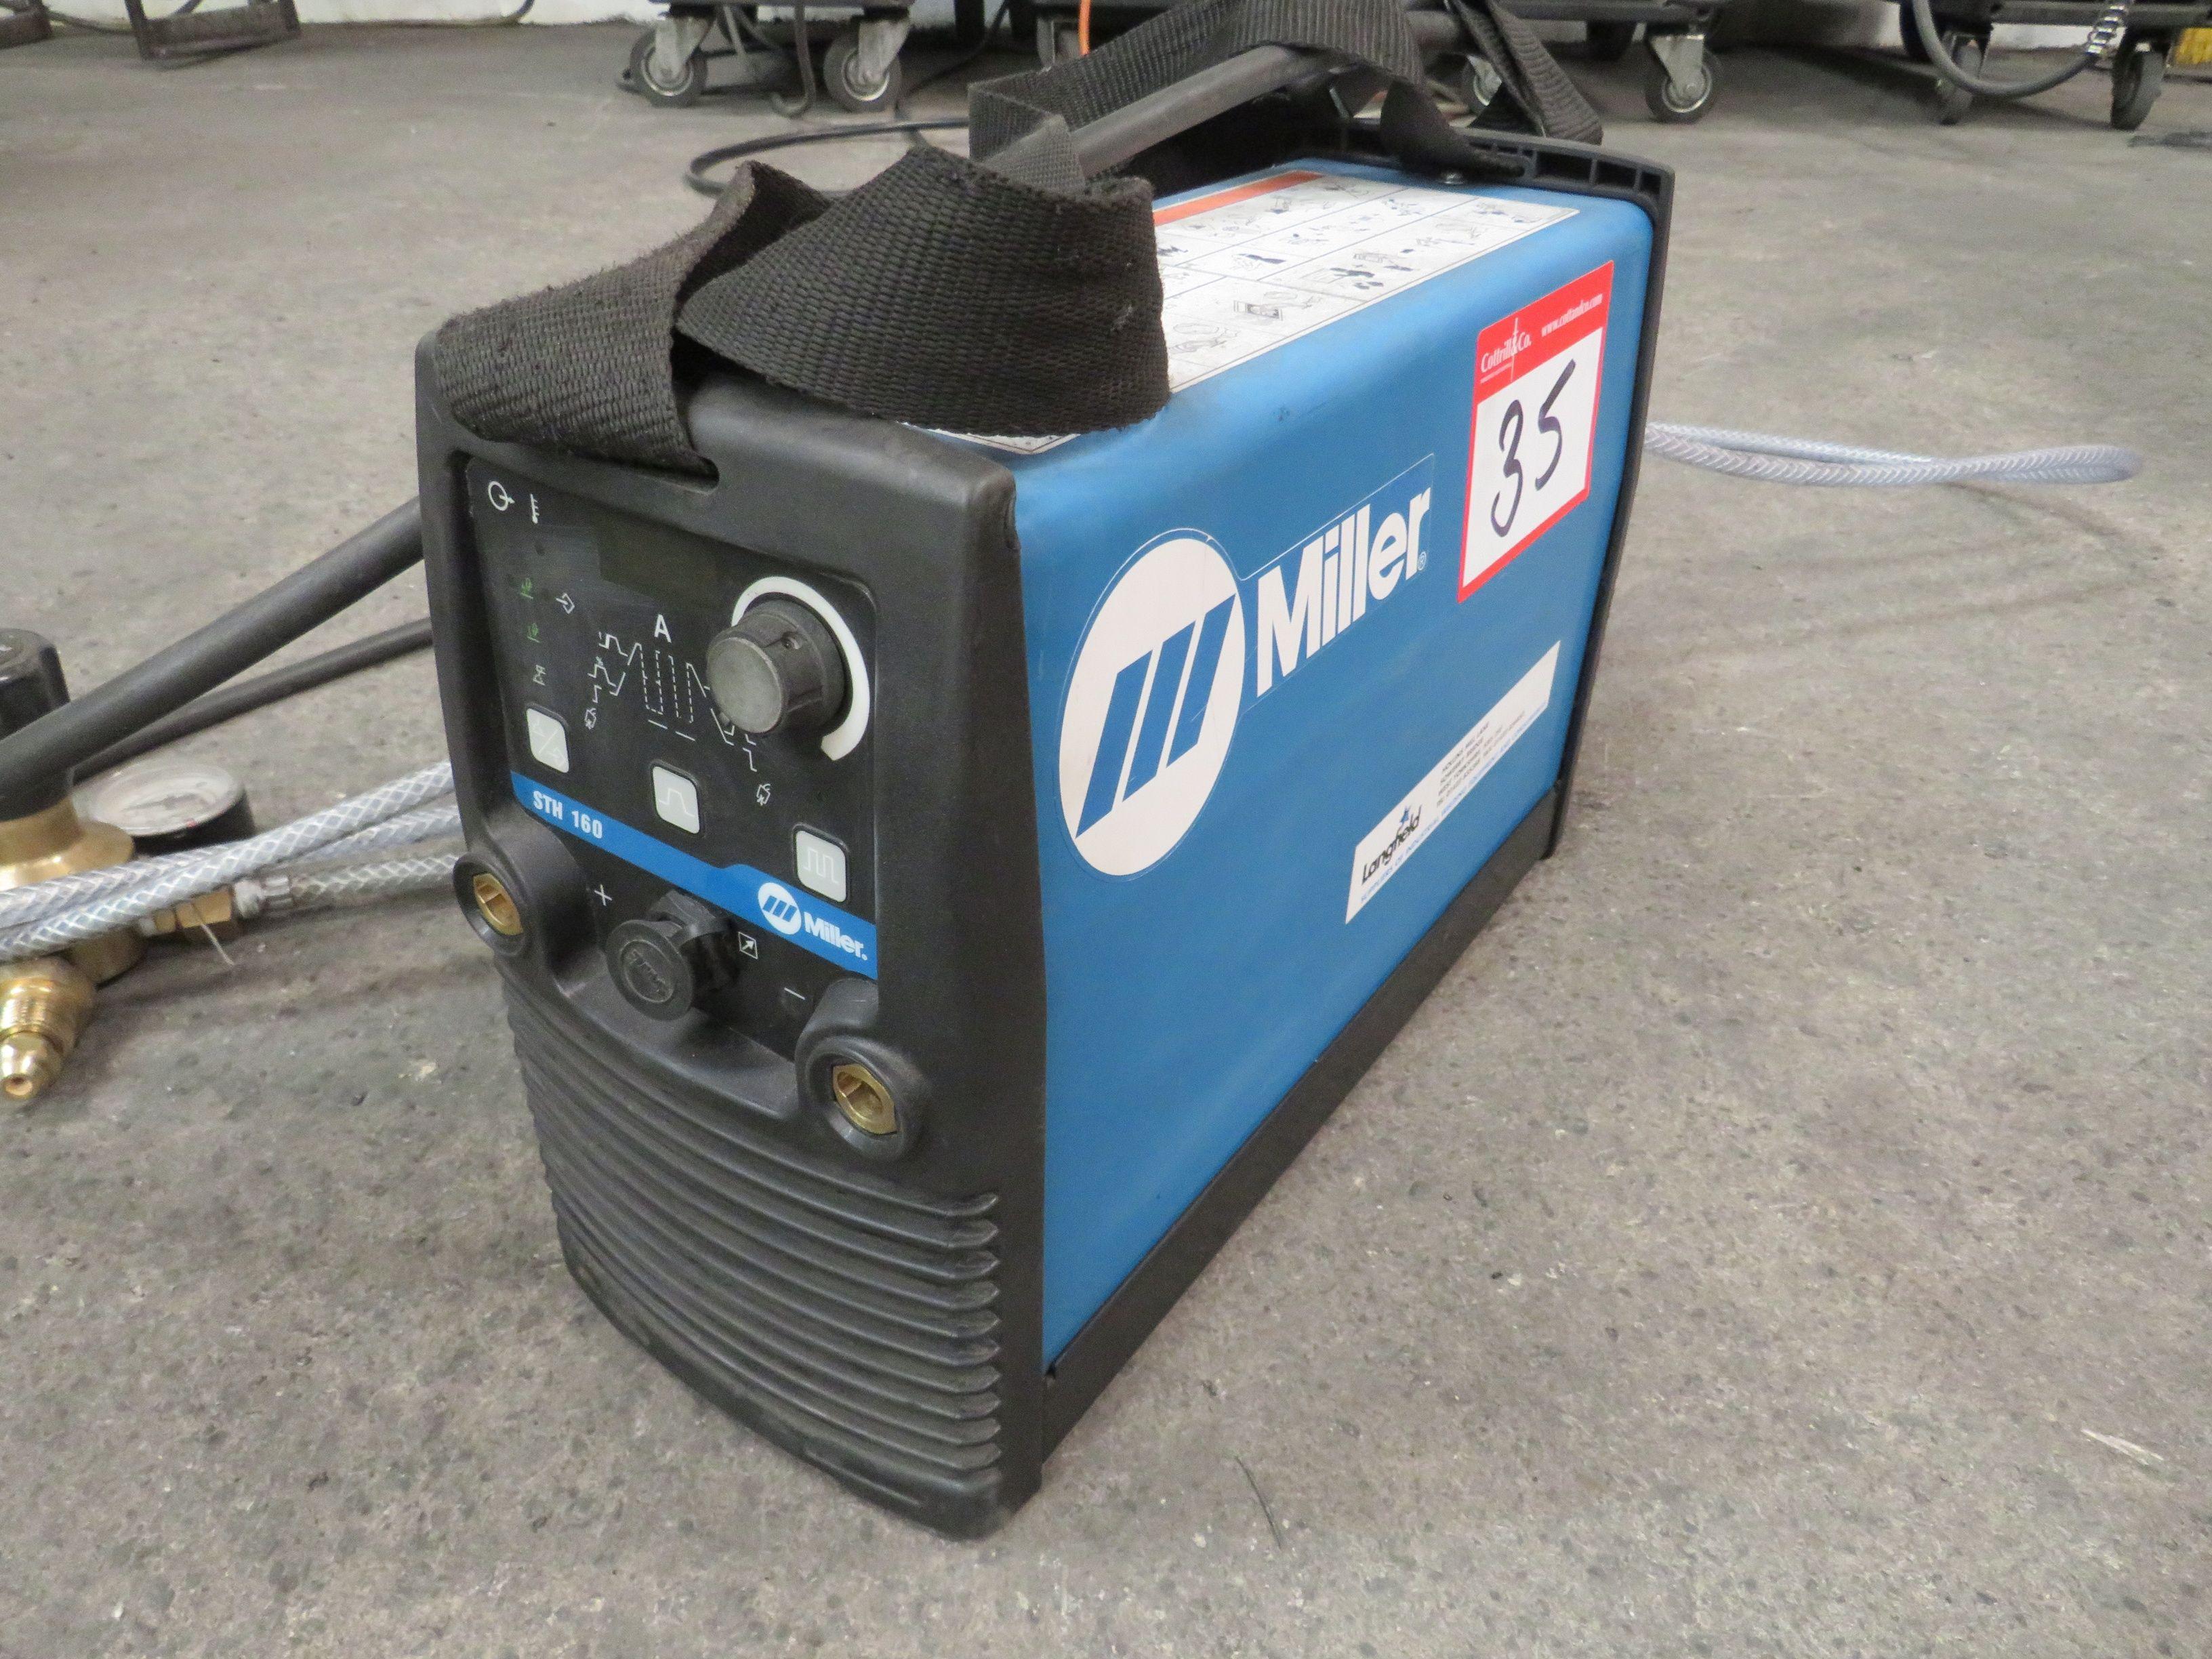 Miller STH160 Peruk-Schweißer